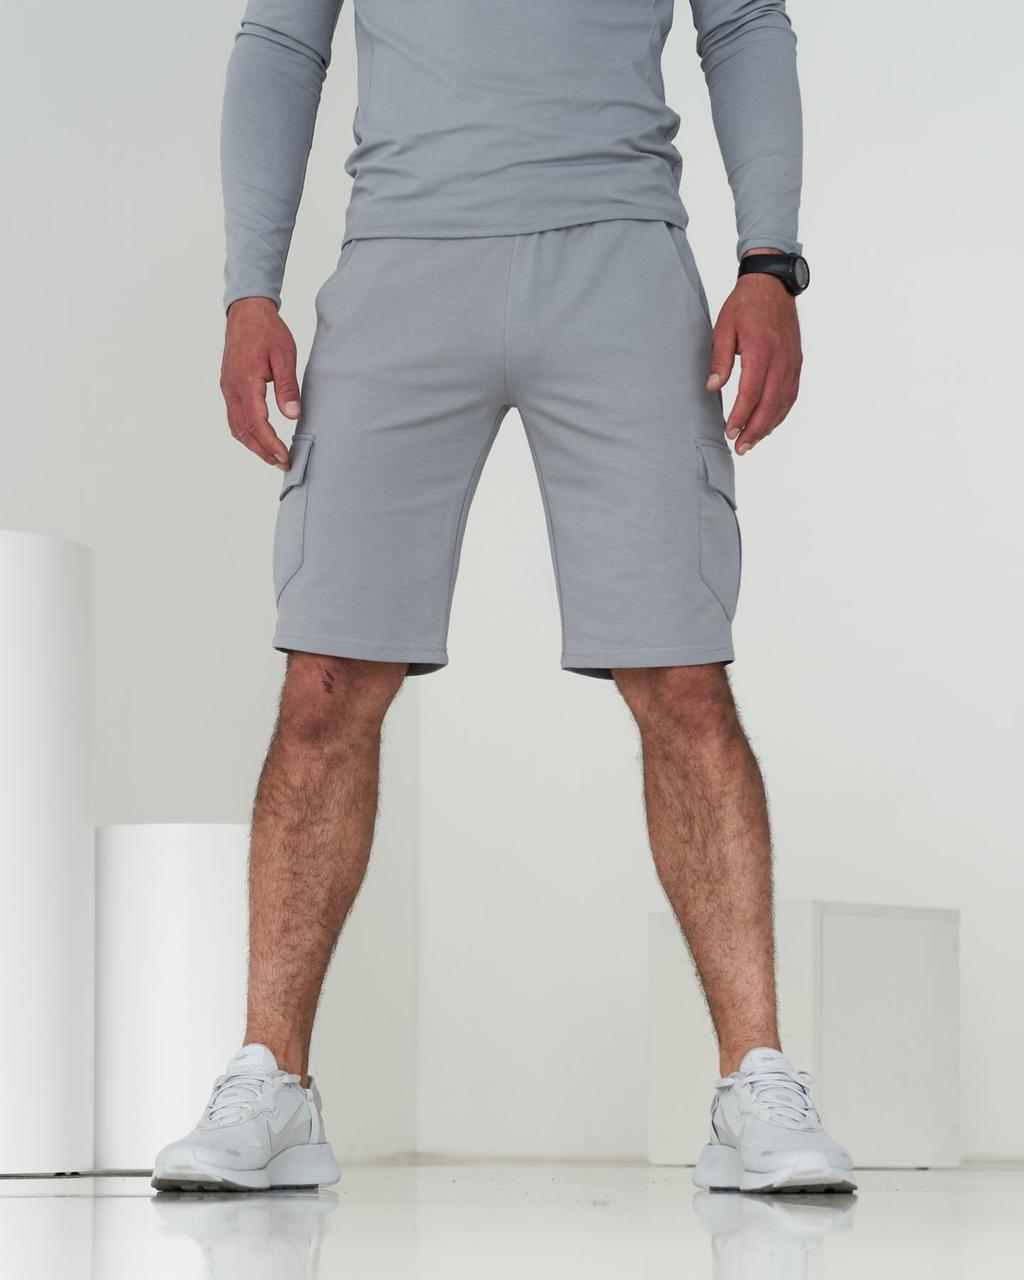 Чоловічі трикотажні шорти карго з кишенями / Світло-сірий спортивні шорти, бриджі чоловічі